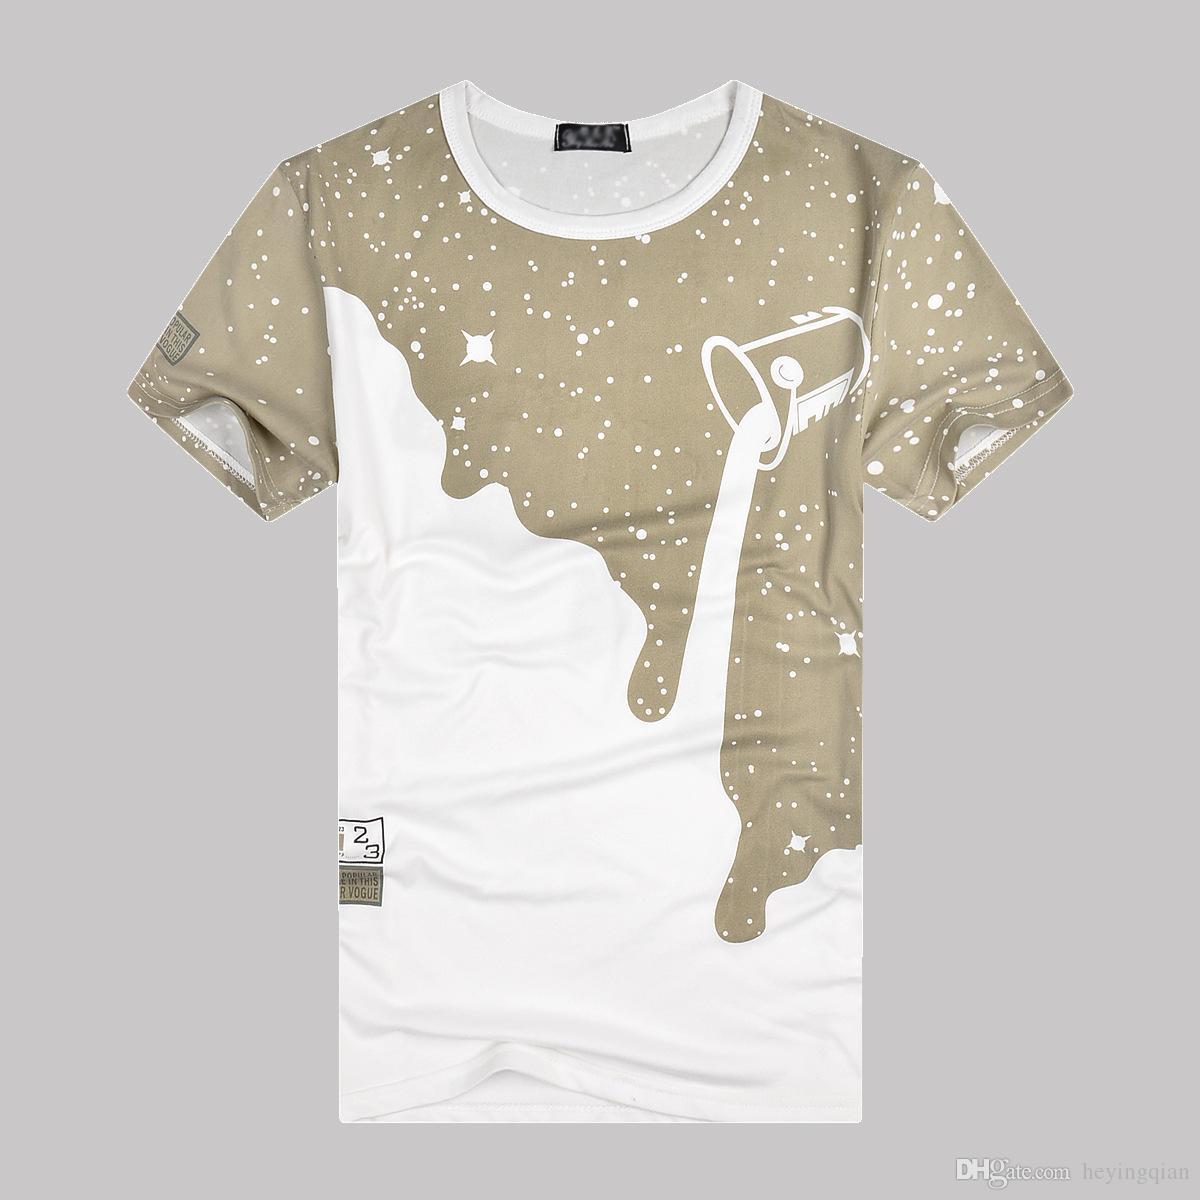 2020 새로운 핫 스타일의 남자면 둥근 칼라는 하나의 도덕 남자의 인쇄 t- 셔츠 3D 디자이너 의류 M-XXL 골프 티셔츠를 육성